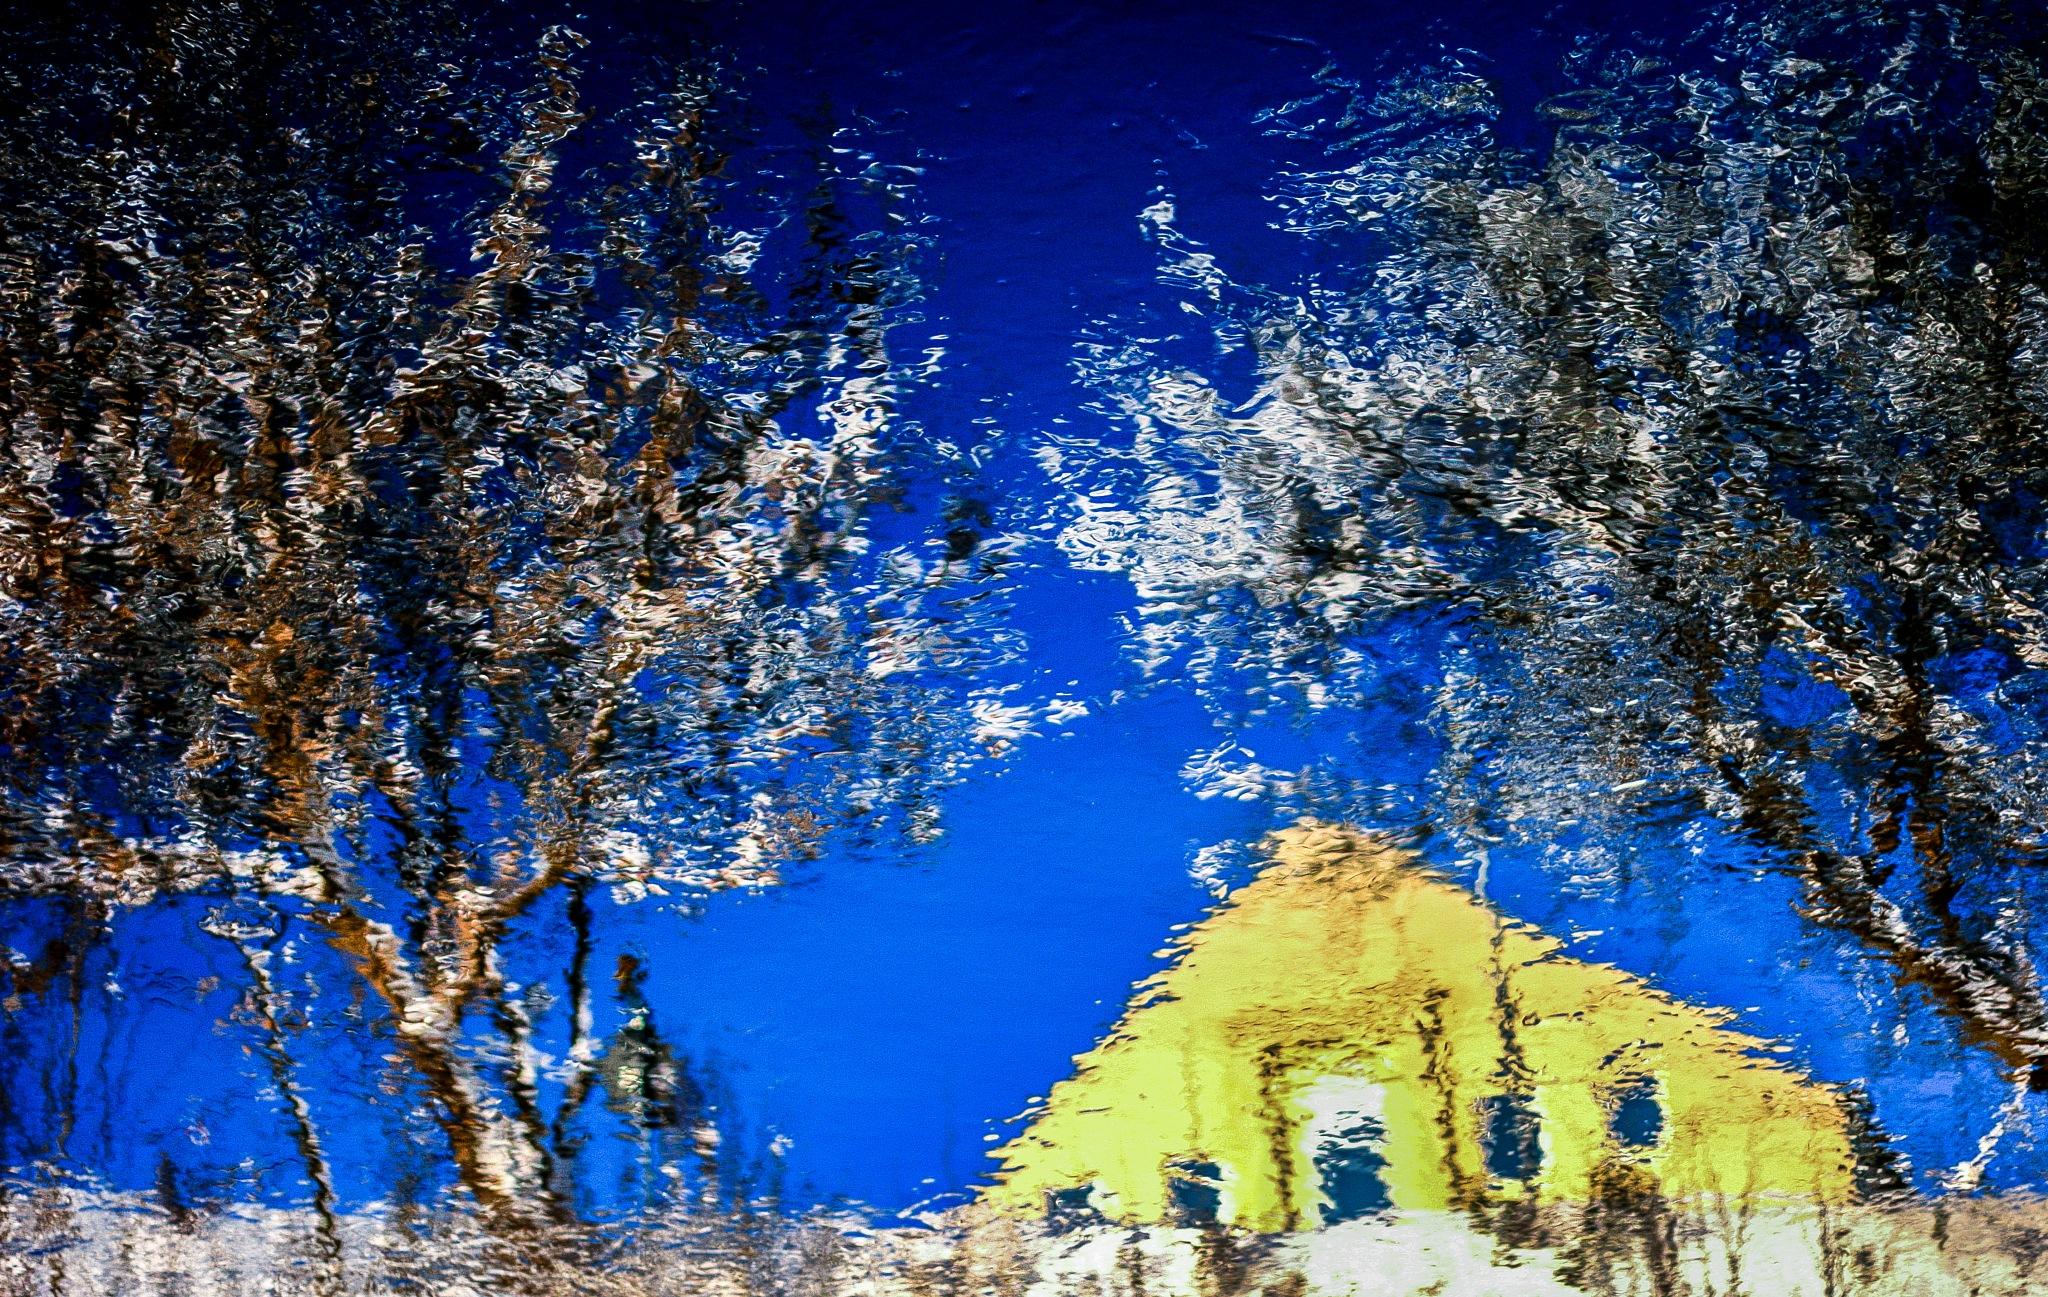 Winter time by JAKOKTO PAUKAS